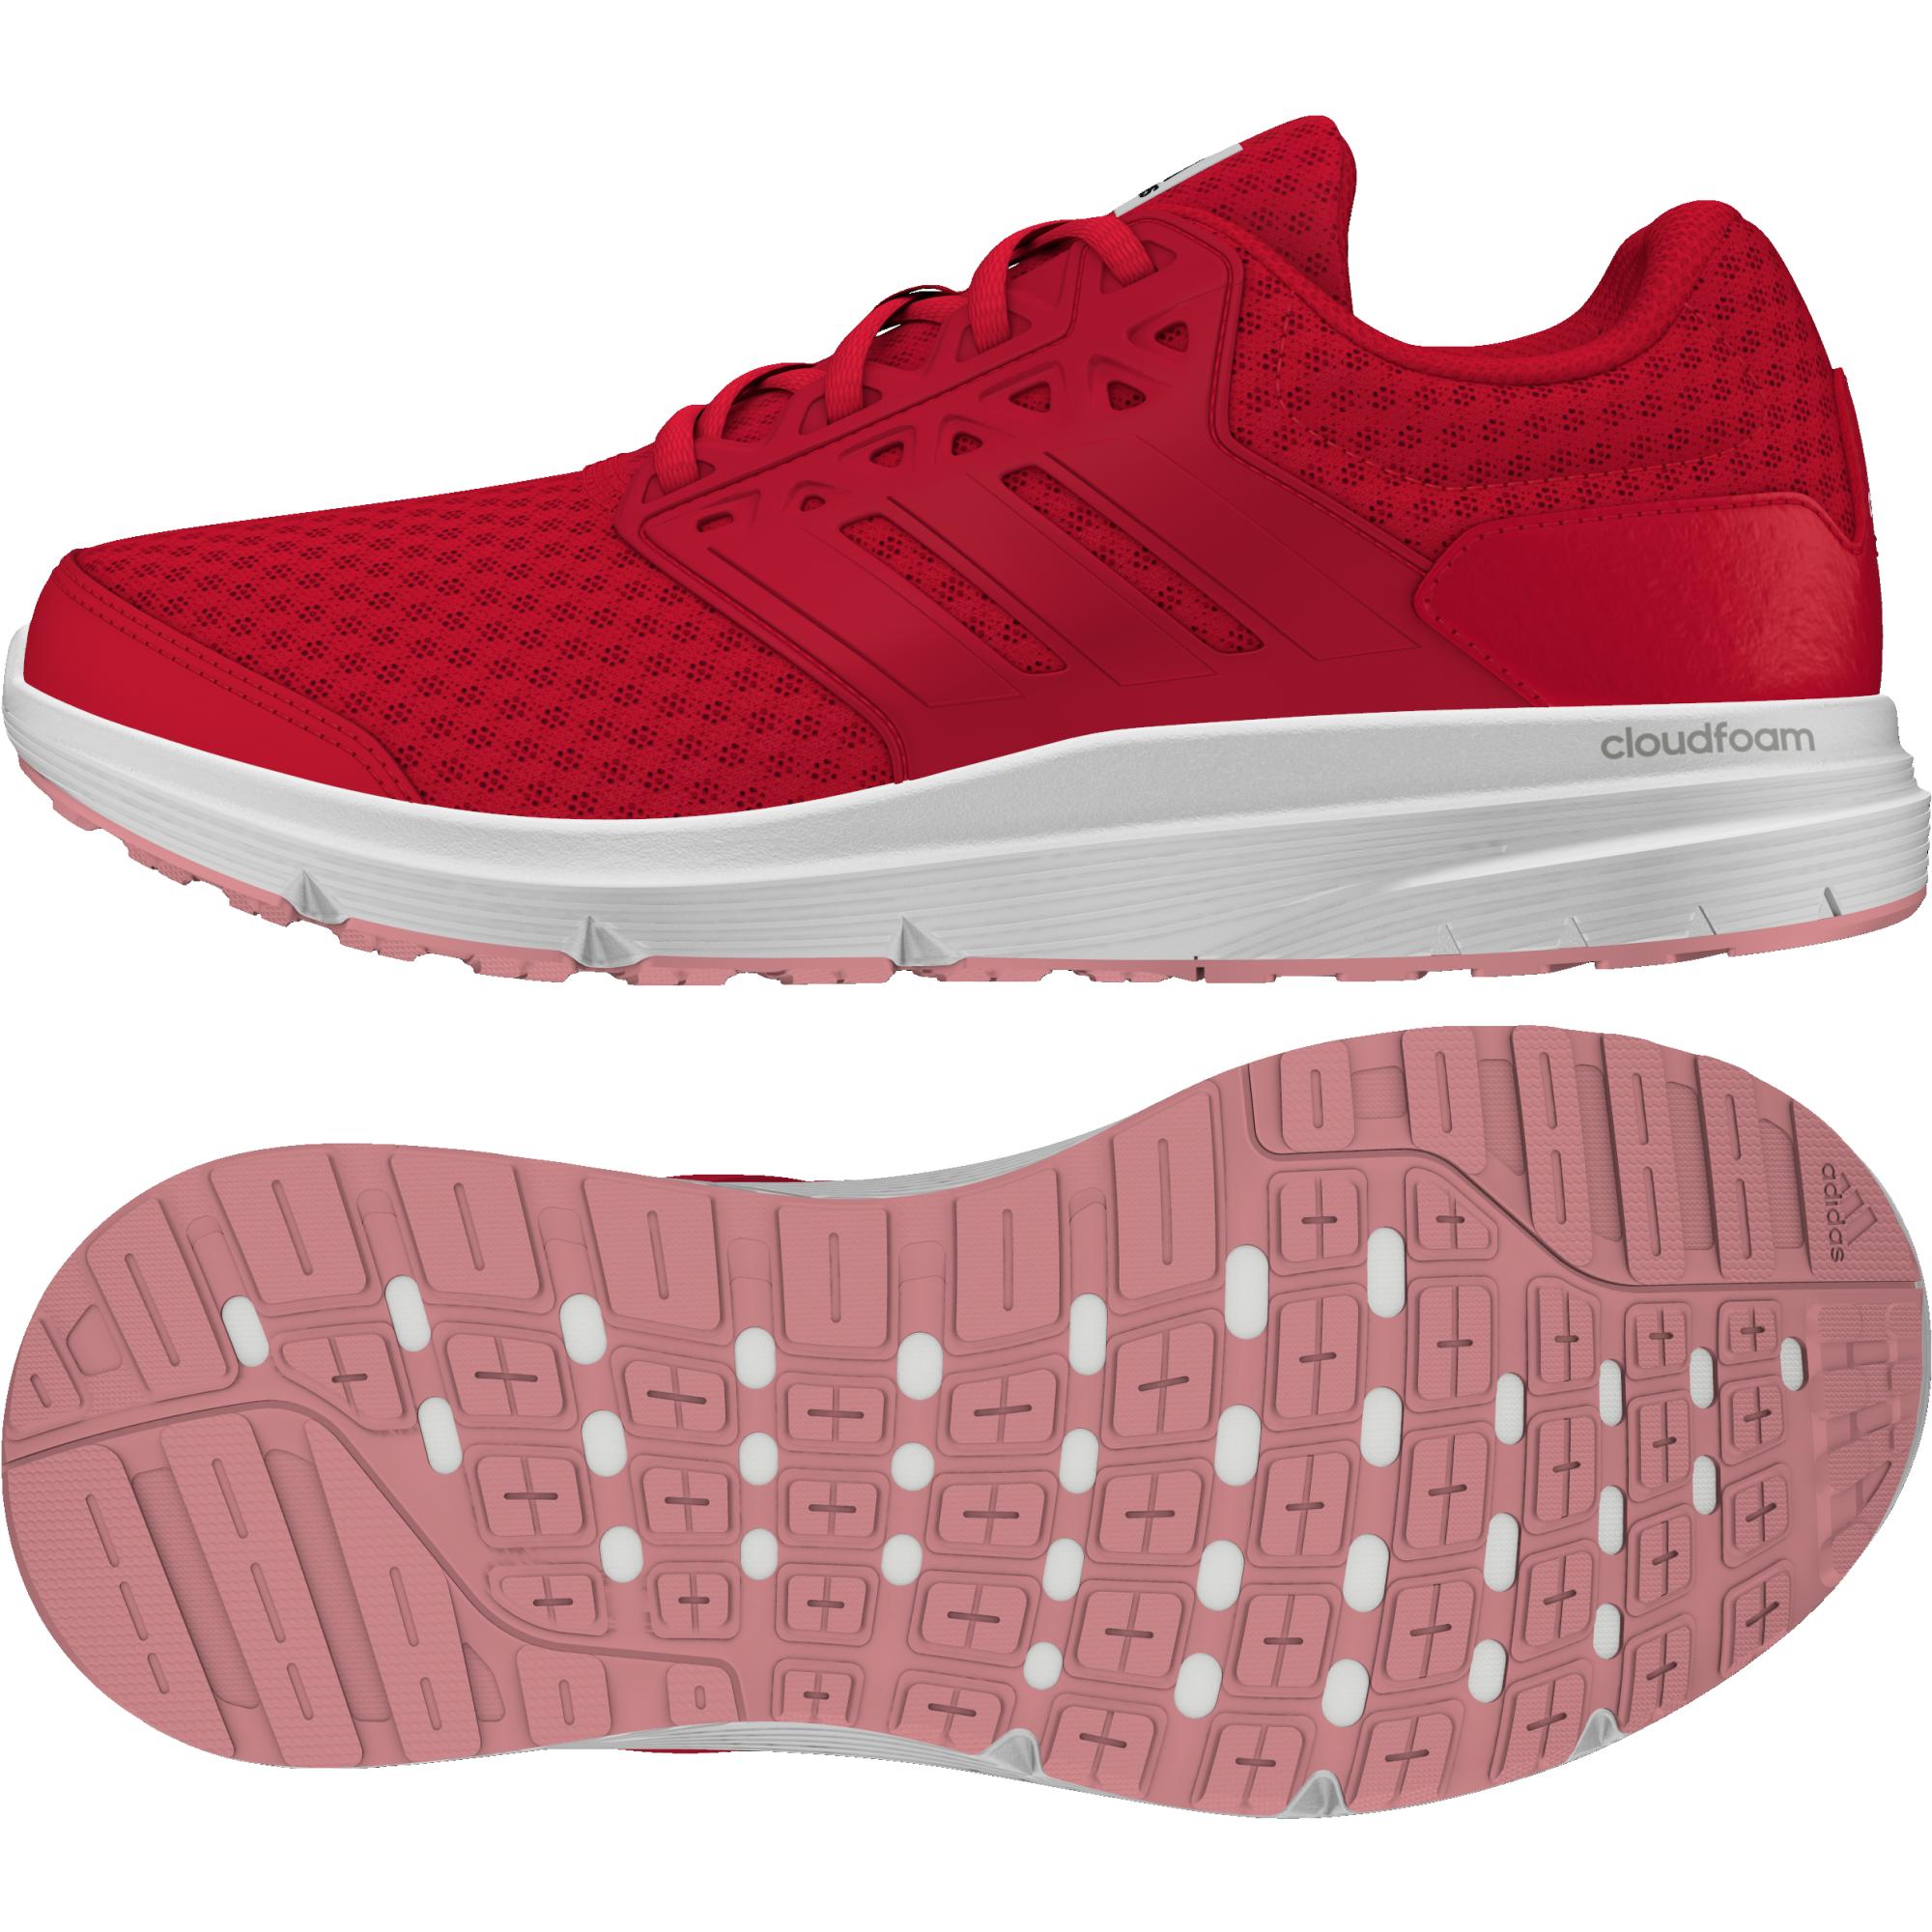 fef447f30b Adidas Galaxy 3 W női futócipő , Női cipő | futócipő | adidas_performance |  Adidas Galaxy 3 W női futócipő